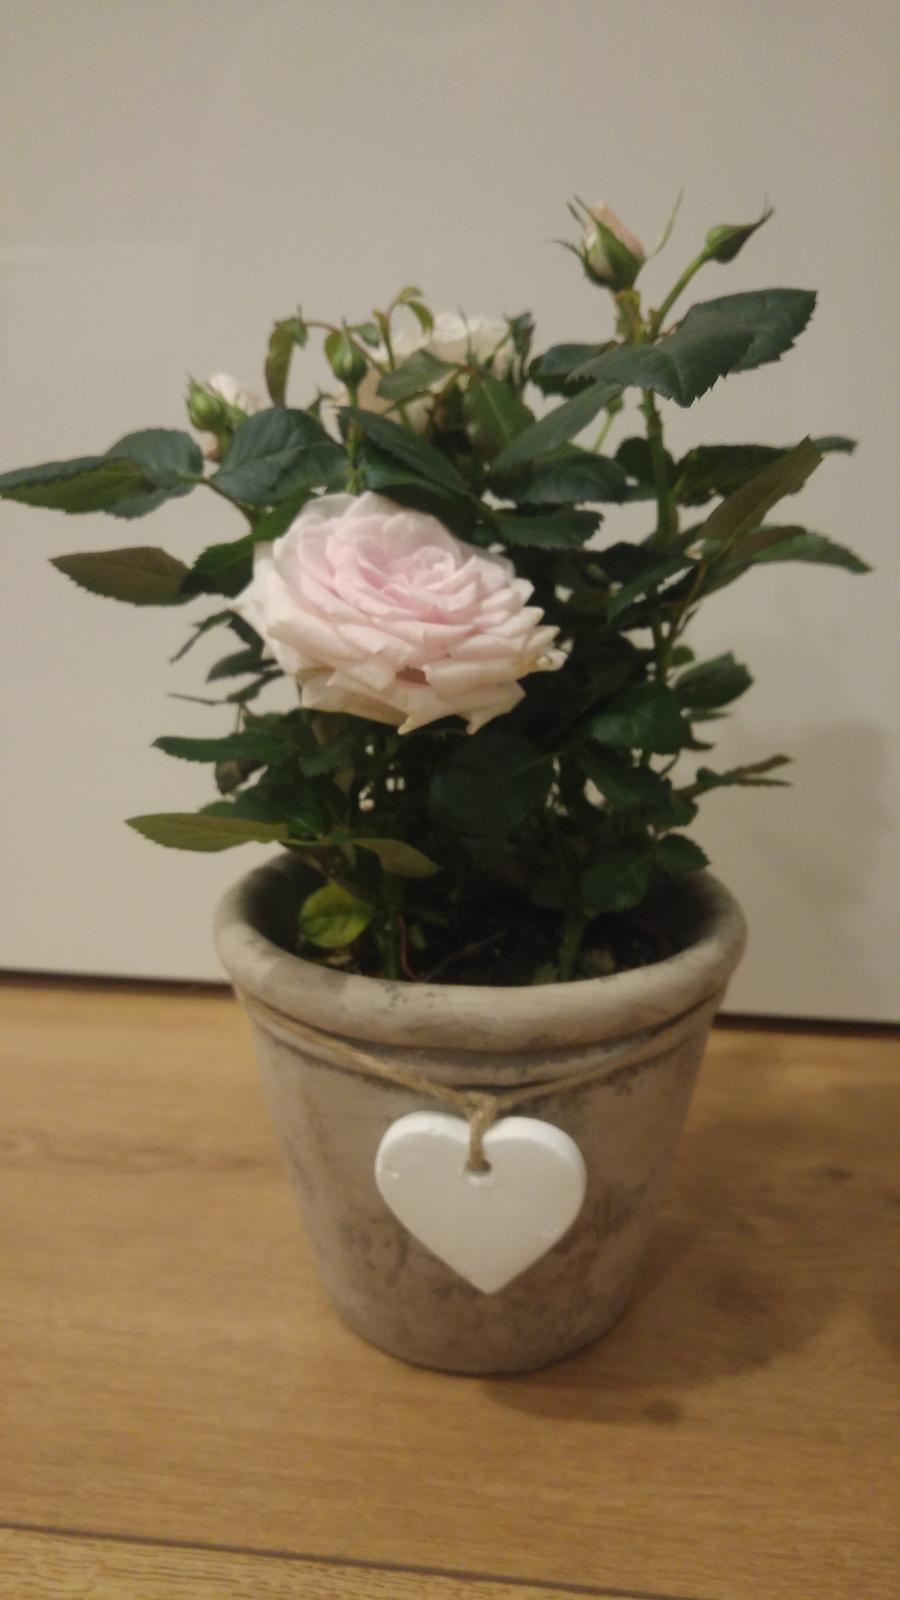 Moje krásne kvetinky - Ruza - 1/2018 (narodeninova od svagrinej), po 3 tyzdnoch vyschla